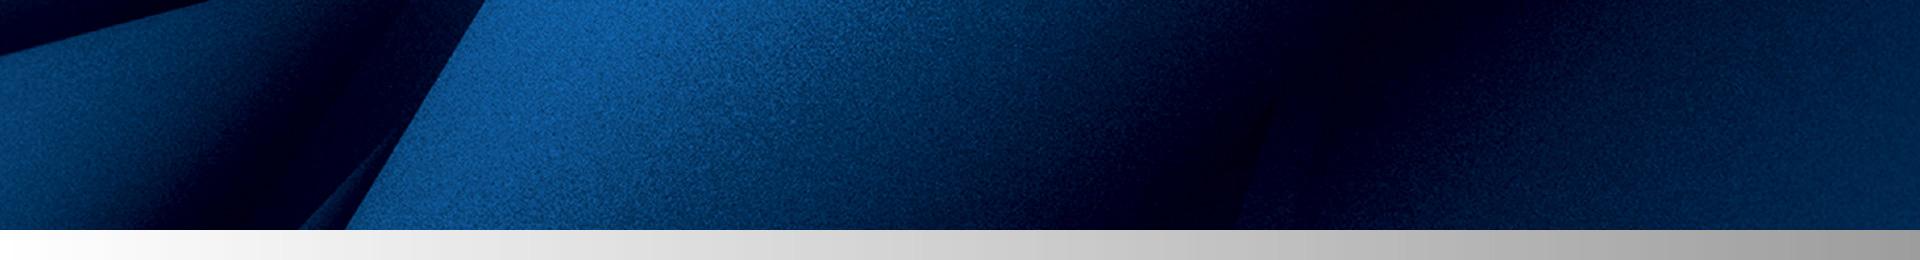 Création graphique Aire sur l'Adour, Création graphique Landes, Etiquettes adhésives Aire sur l'Adour, Etiquettes adhésives Landes, Impression numérique Aire sur l'Adour, Impression numérique Landes, Imprimerie Aire sur l'Adour, Imprimerie Castay Aire sur l'Adour, Imprimerie Castay Landes, Imprimerie Landes